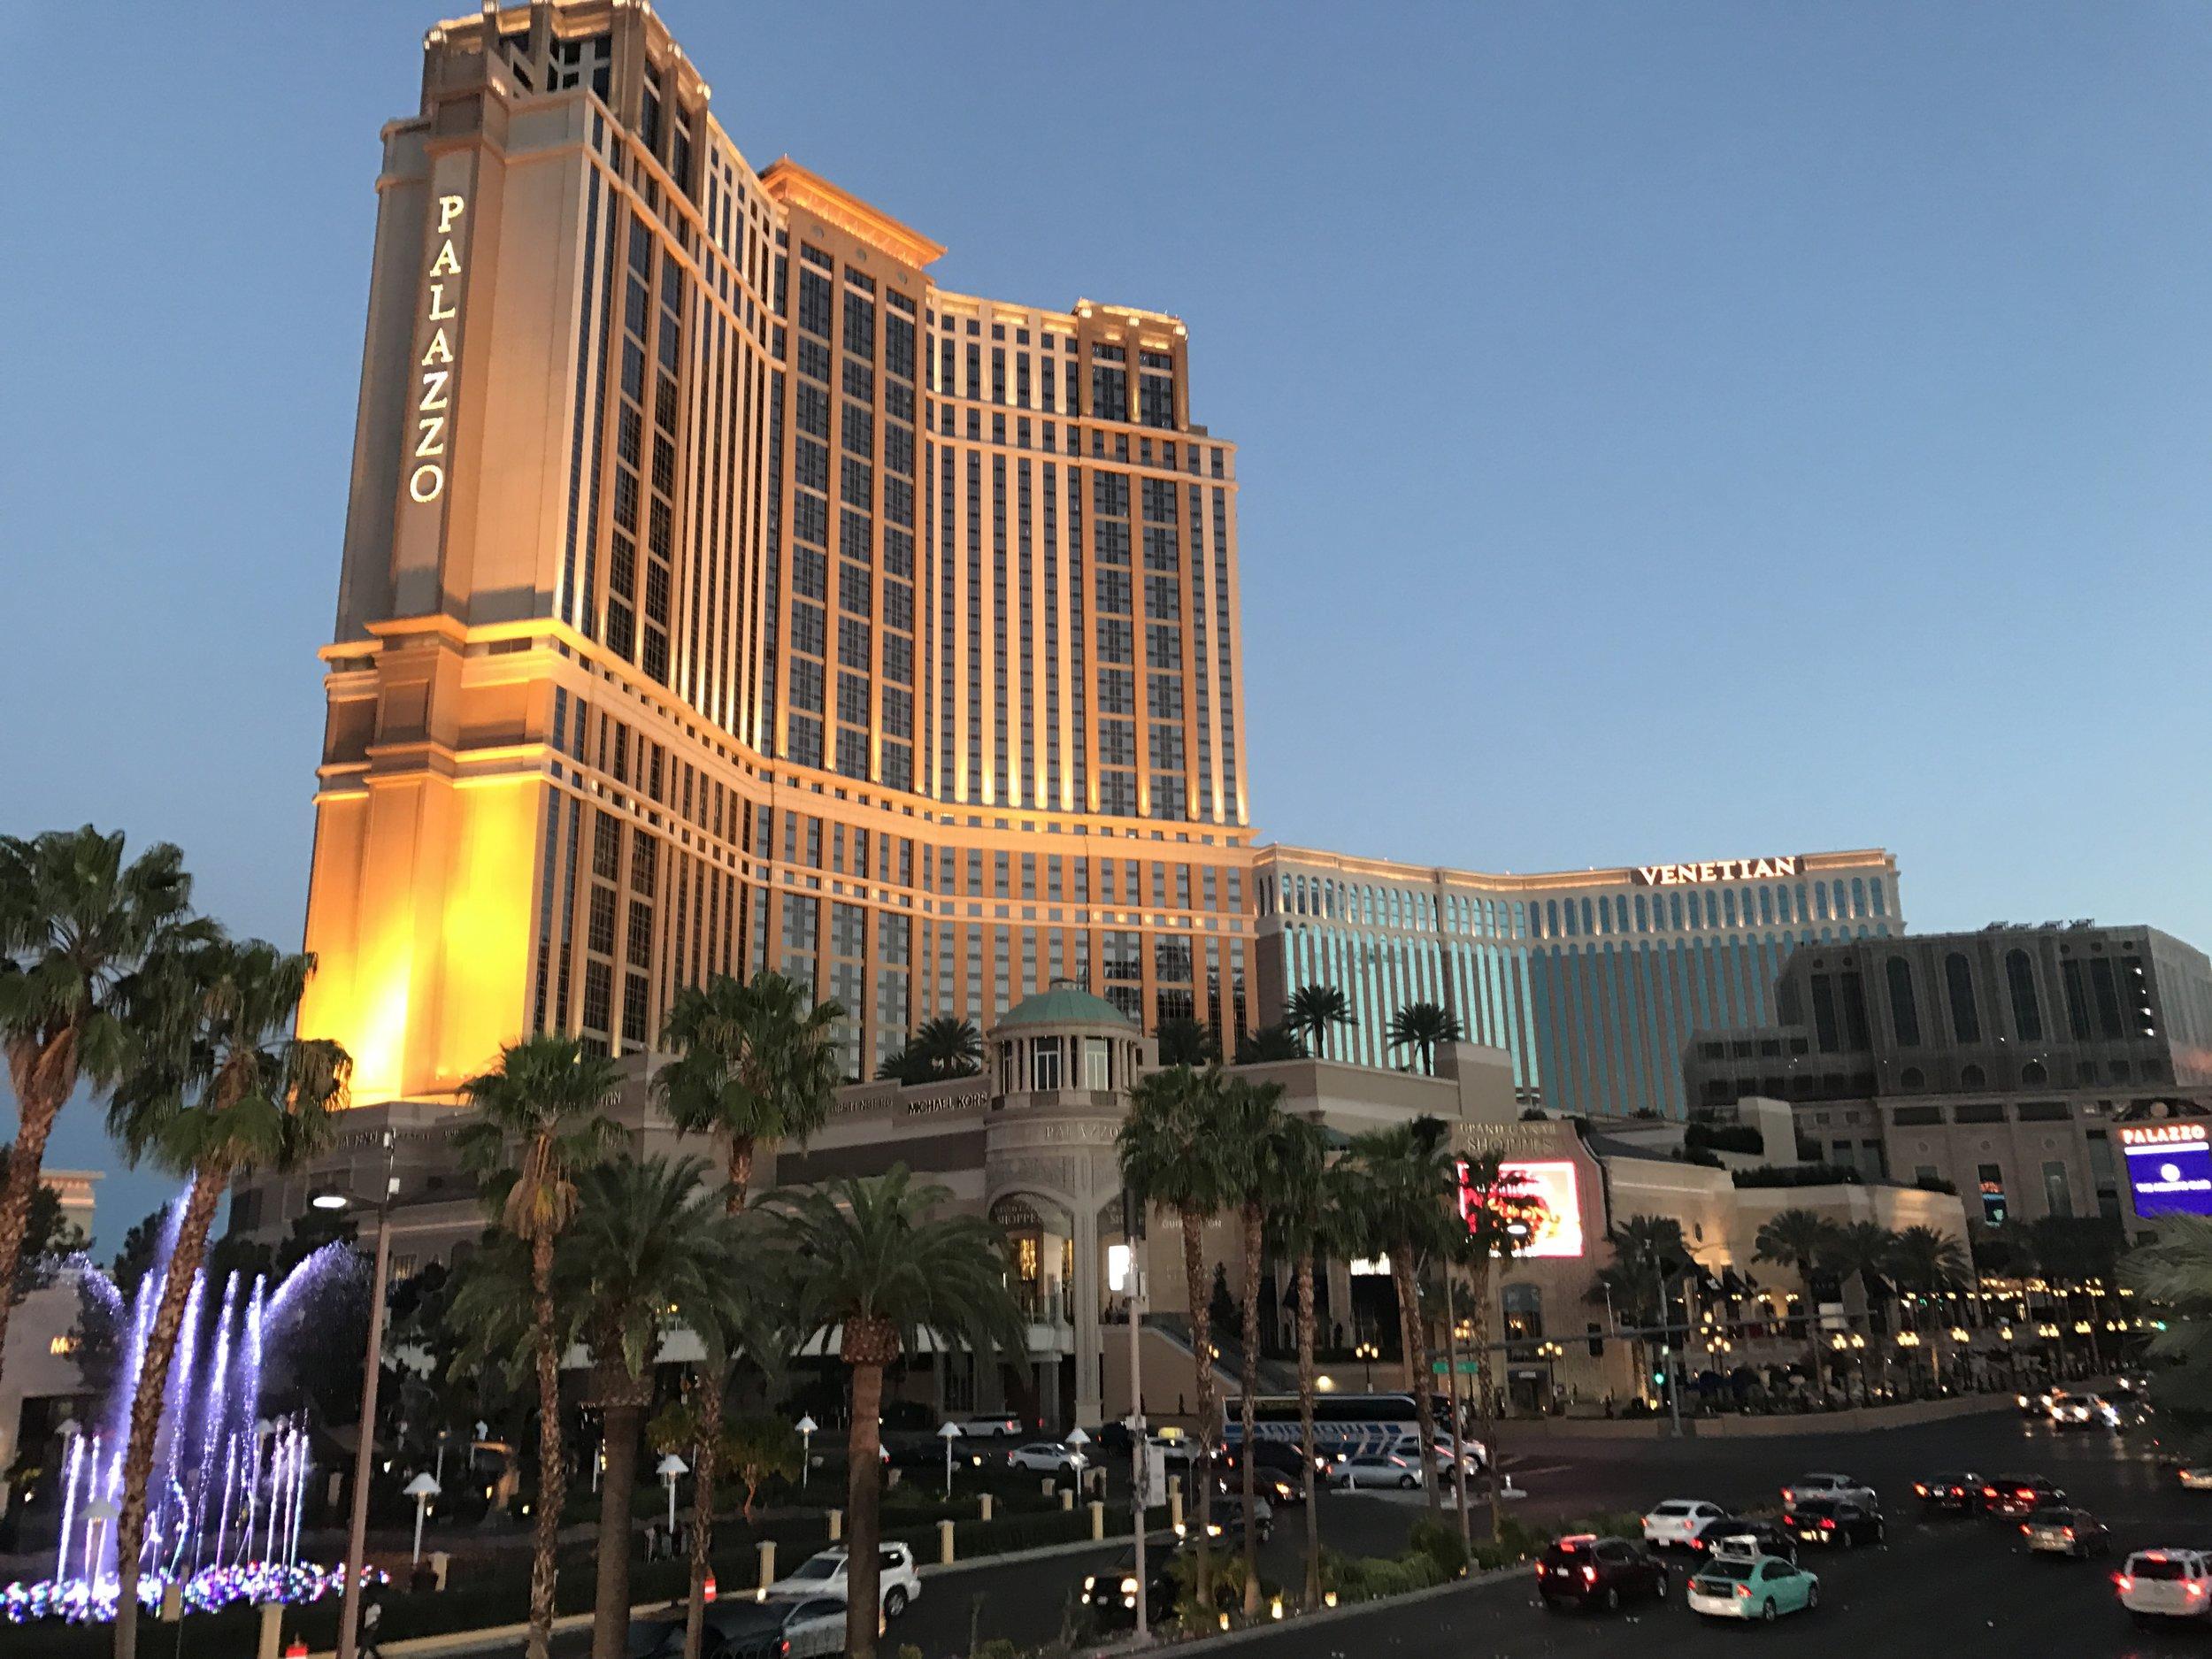 Das «Palazzo» am «Las Vegas Strip» hat Neues erreicht. Mit 45 Dollar pro Übernachtung sind hier die Resort Fees am höchsten (ebenso hoch sind die Kosten im Schwesterhotel «The Venetian»)